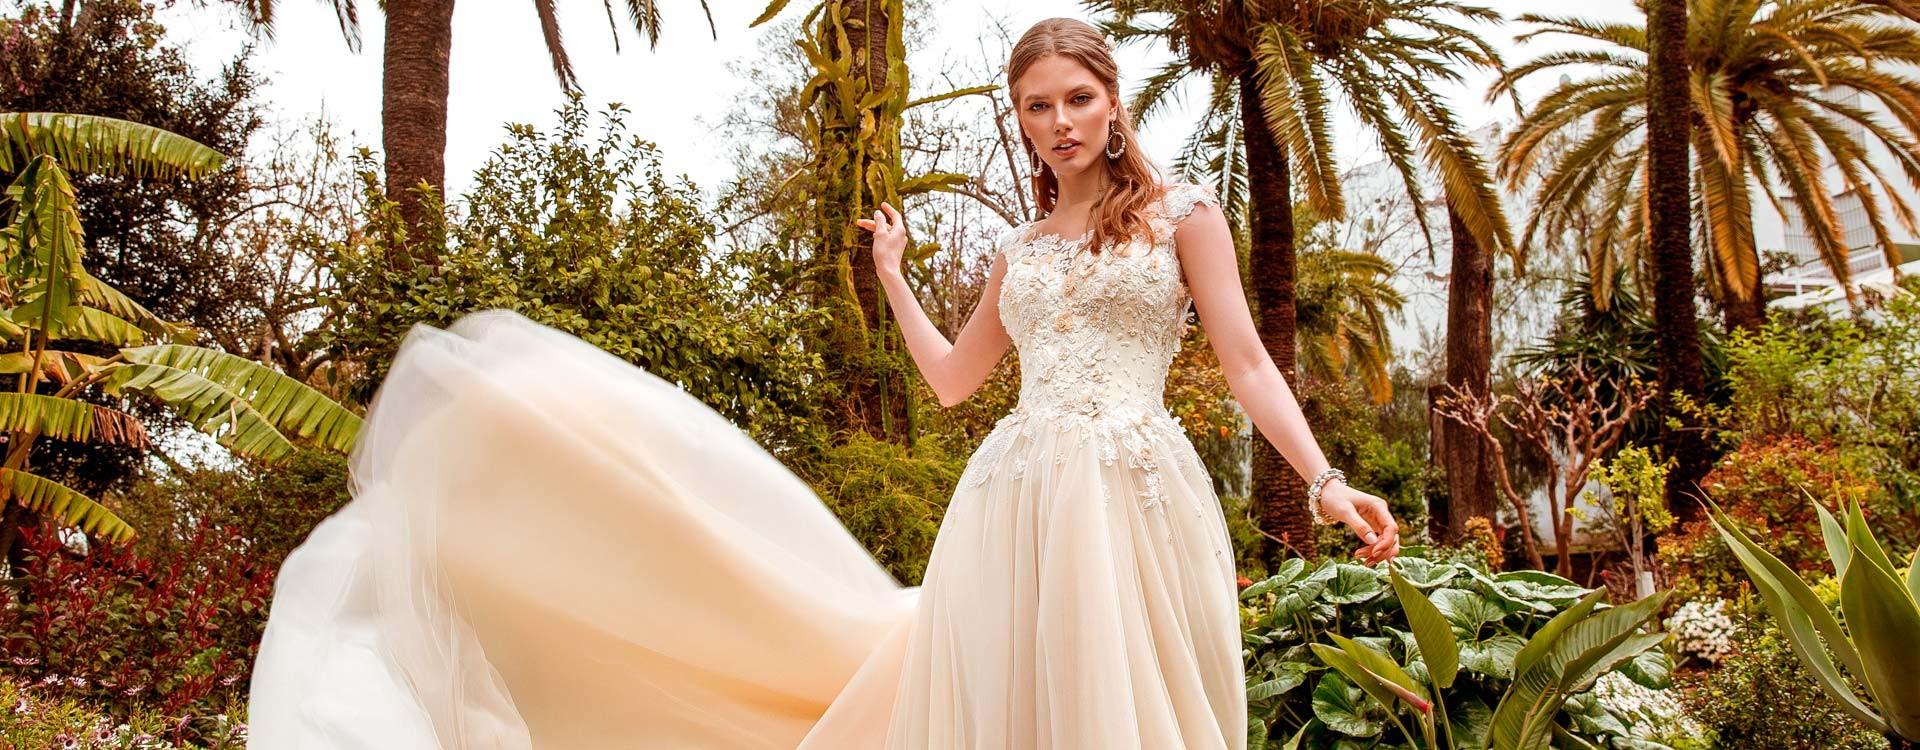 ¿Qué vestido de novia me sienta mejor?